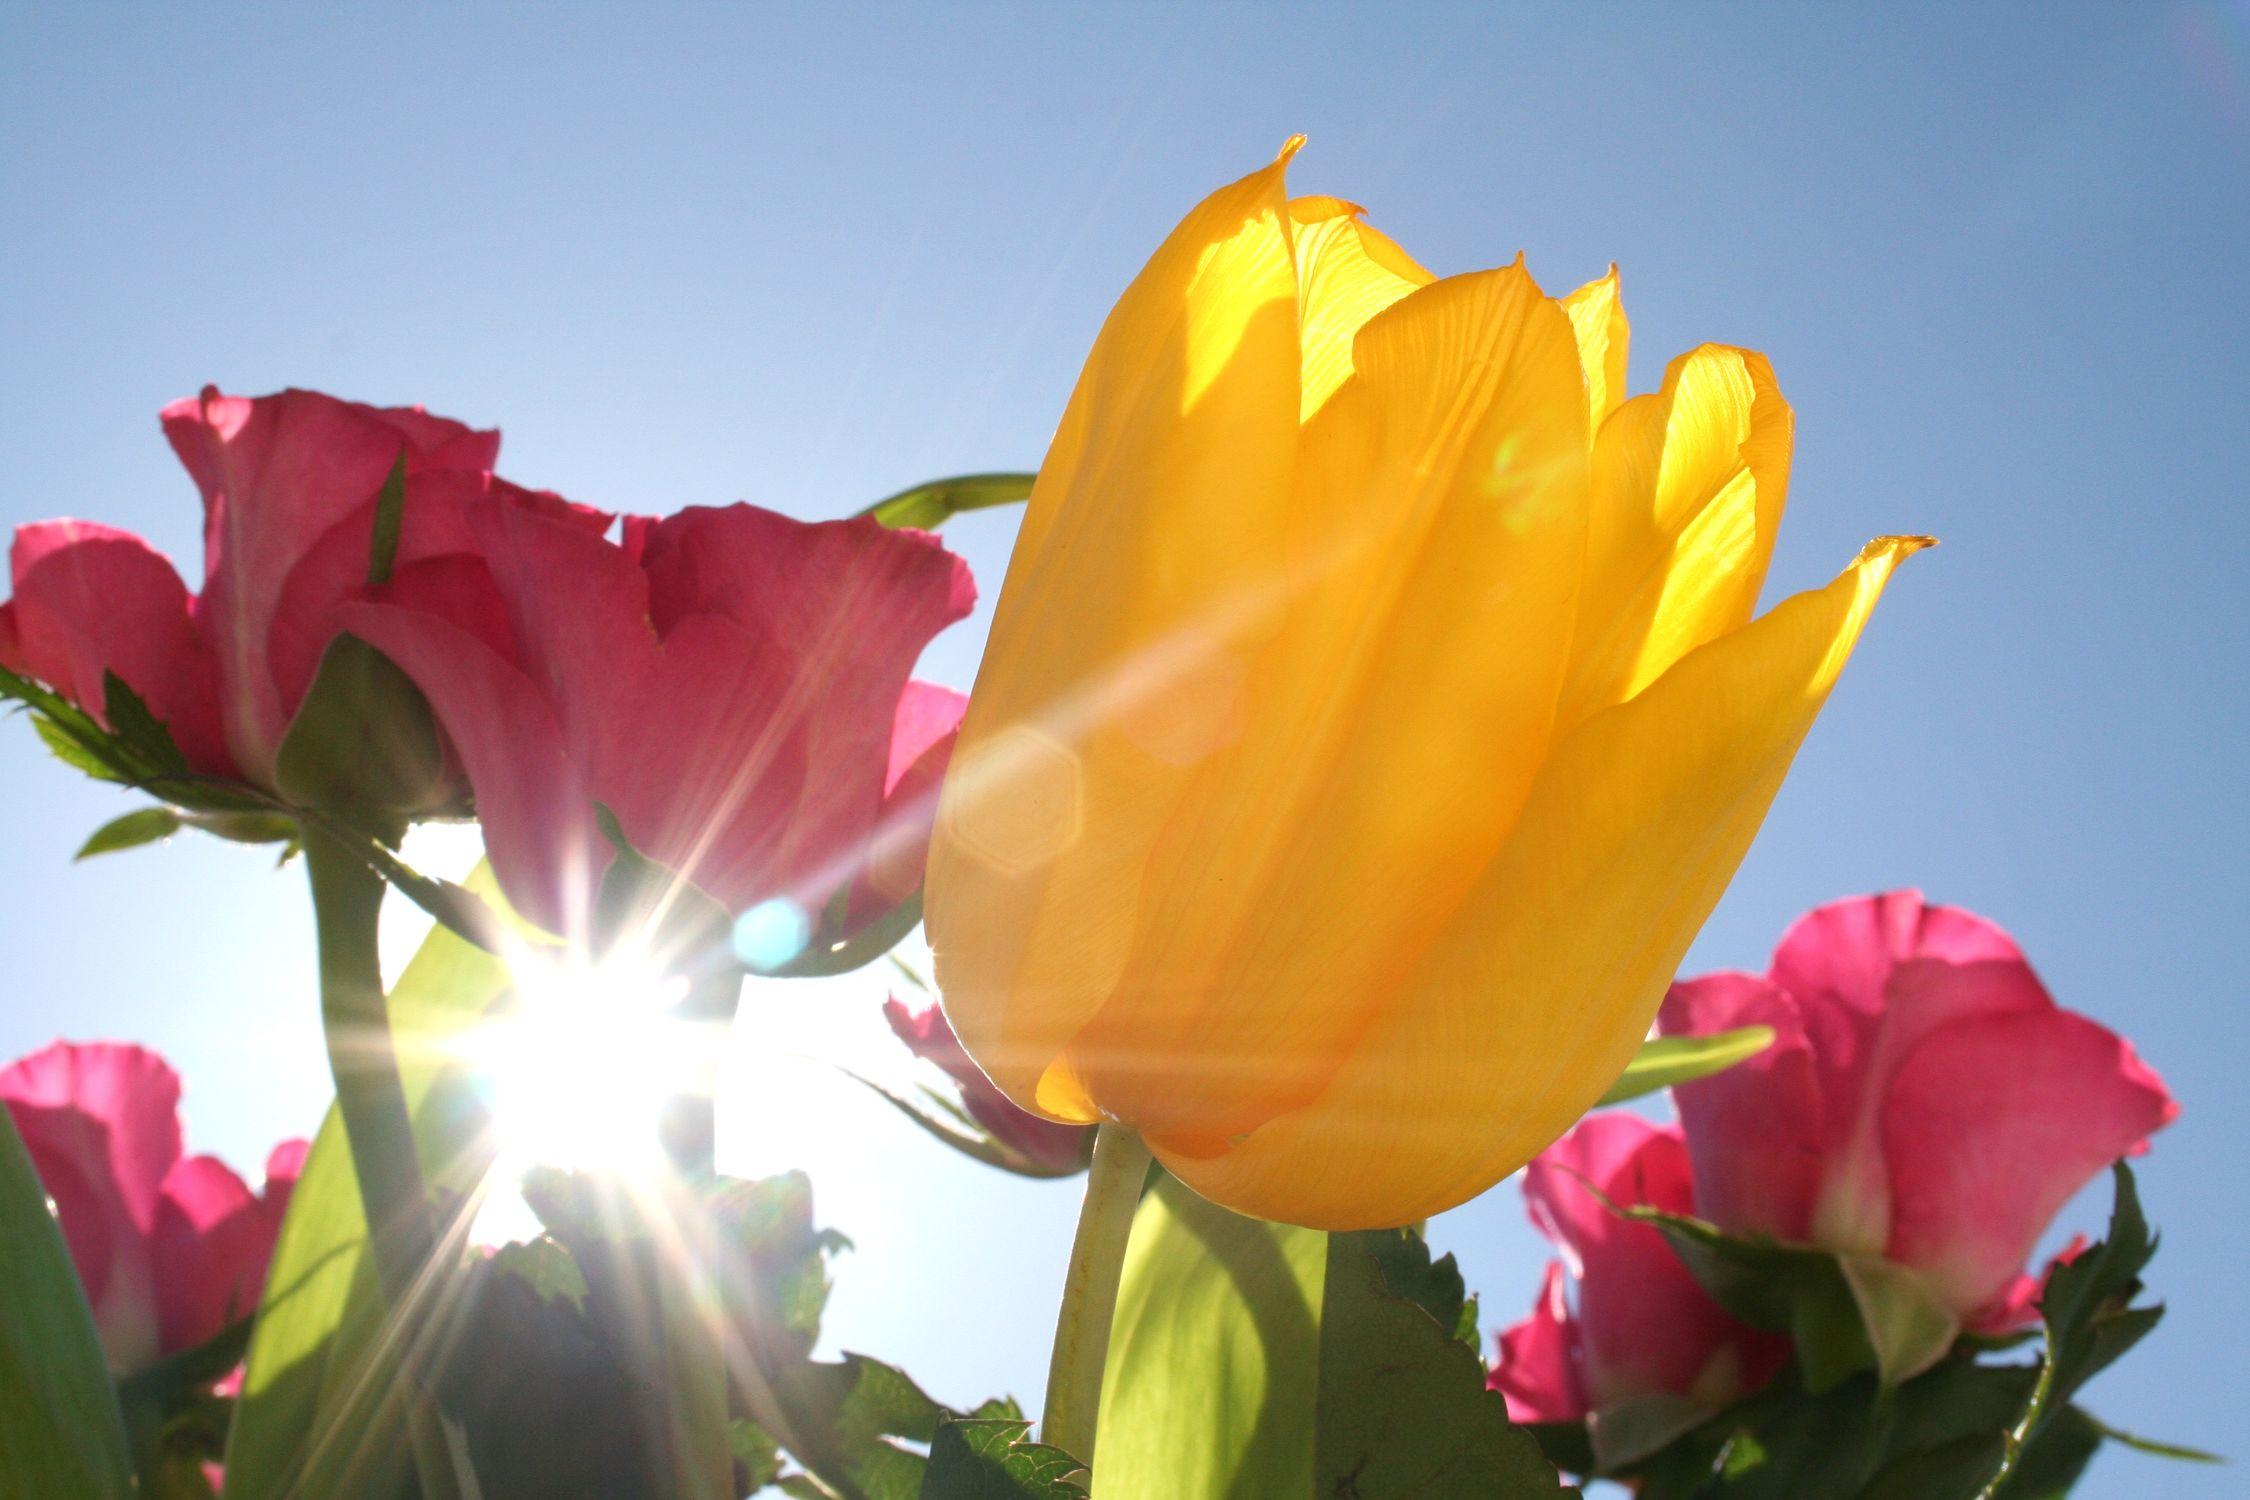 Bild mit Farben, Gelb, Natur, Pflanzen, Himmel, Jahreszeiten, Blumen, Frühling, Blume, Pflanze, Tulpe, Tulips, Tulpen, Tulip